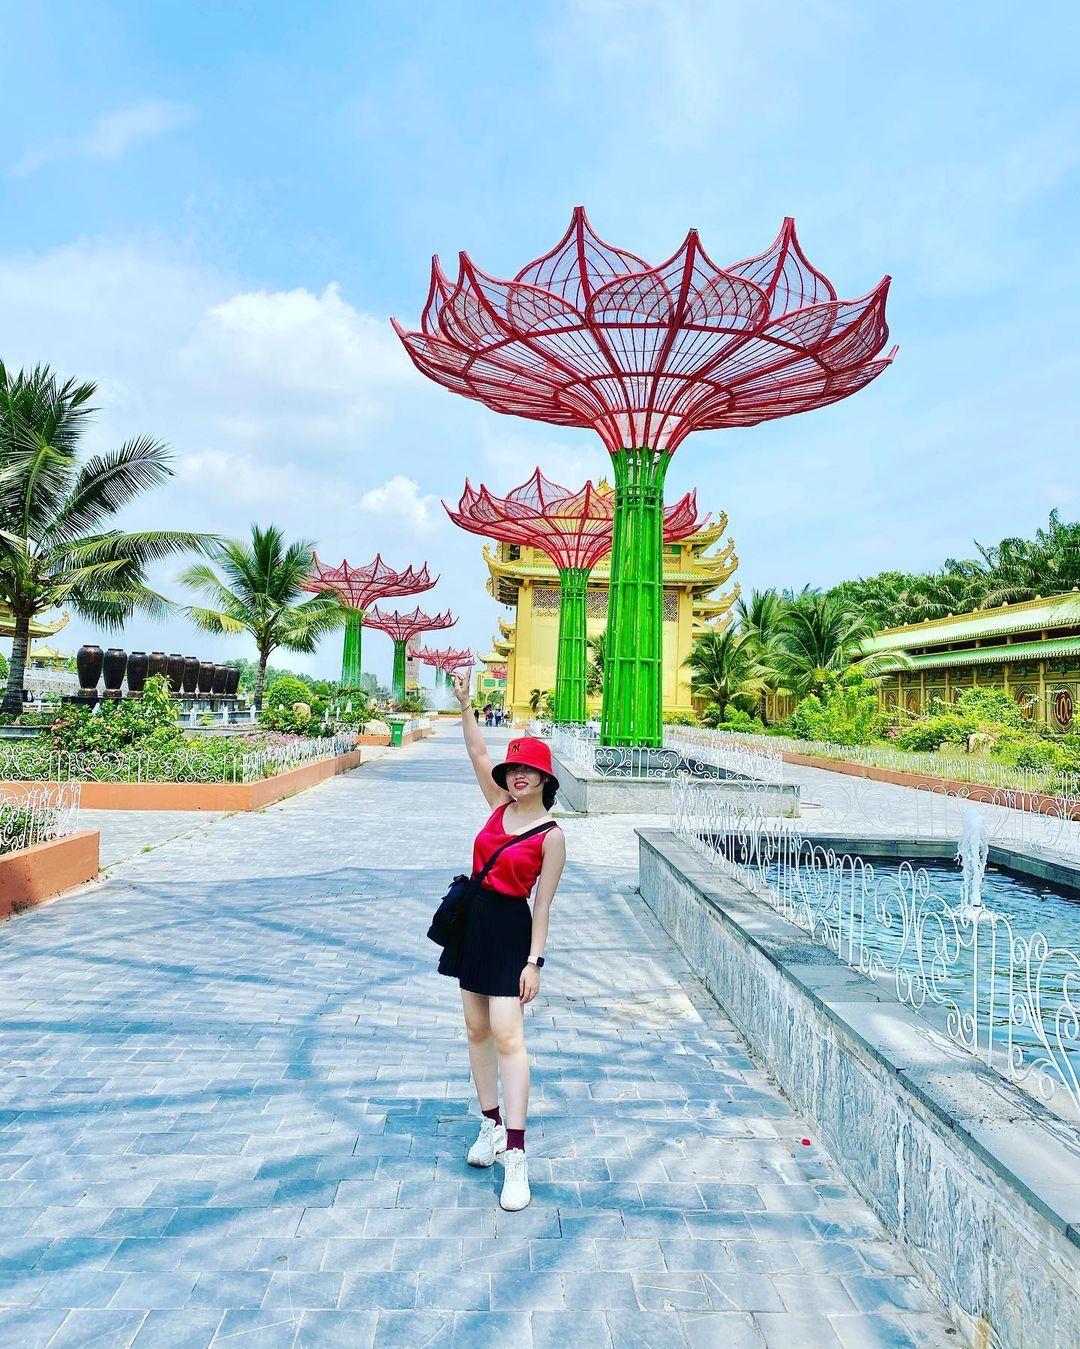 7 khu du lịch khét tiếng nhất Việt Nam: Đại Nam của bà Phương Hằng nắm giữ nhiều kỷ lục khủng, những chỗ còn lại cũng không kém cạnh - Ảnh 7.